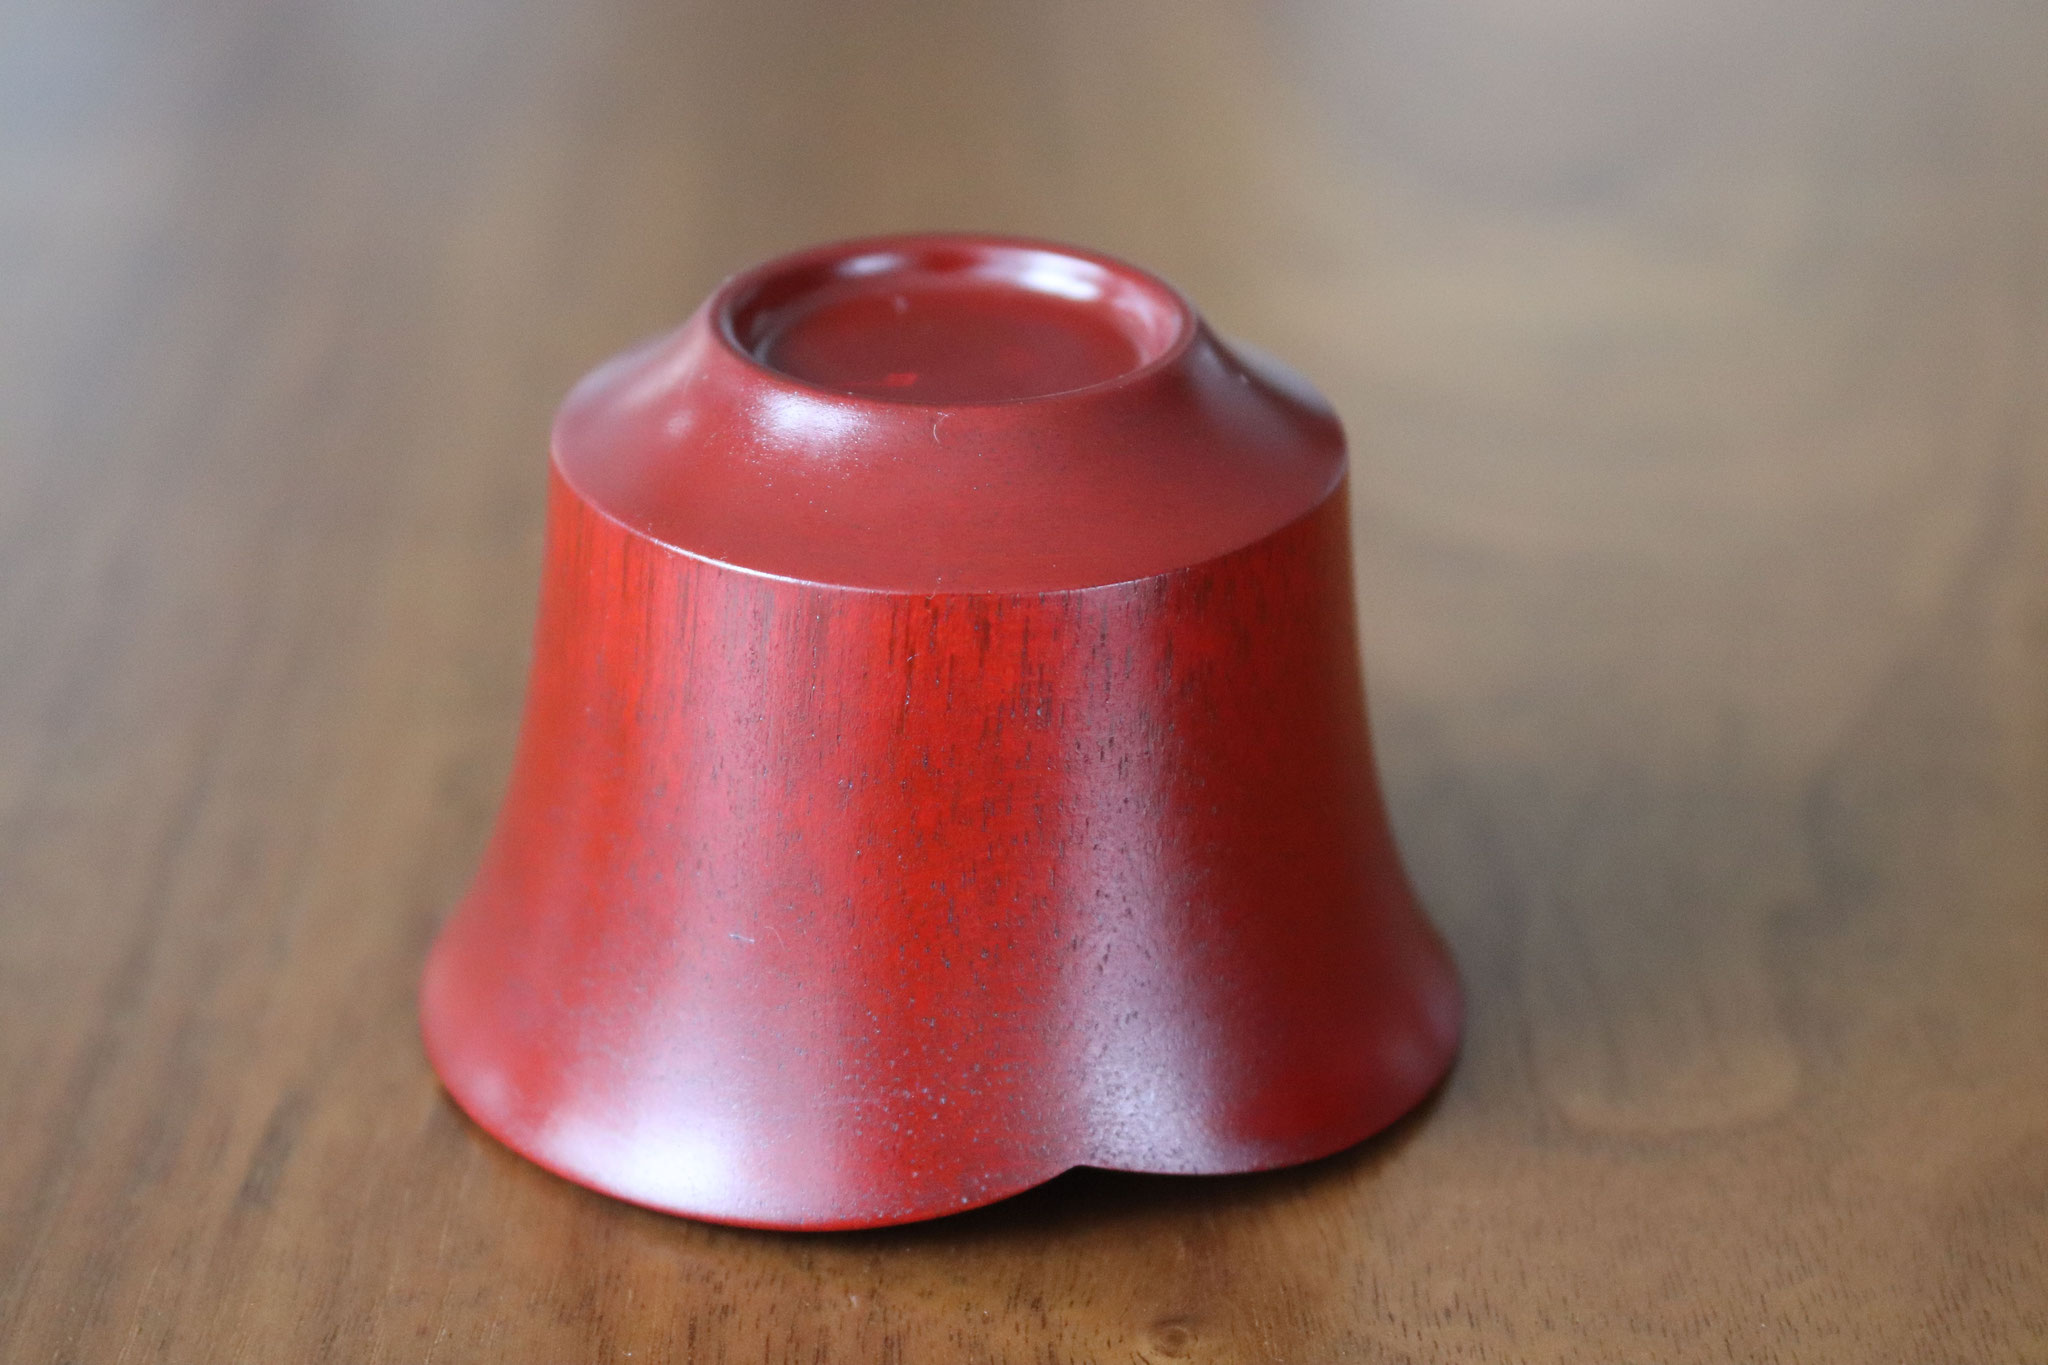 Smiling bean sake cup red